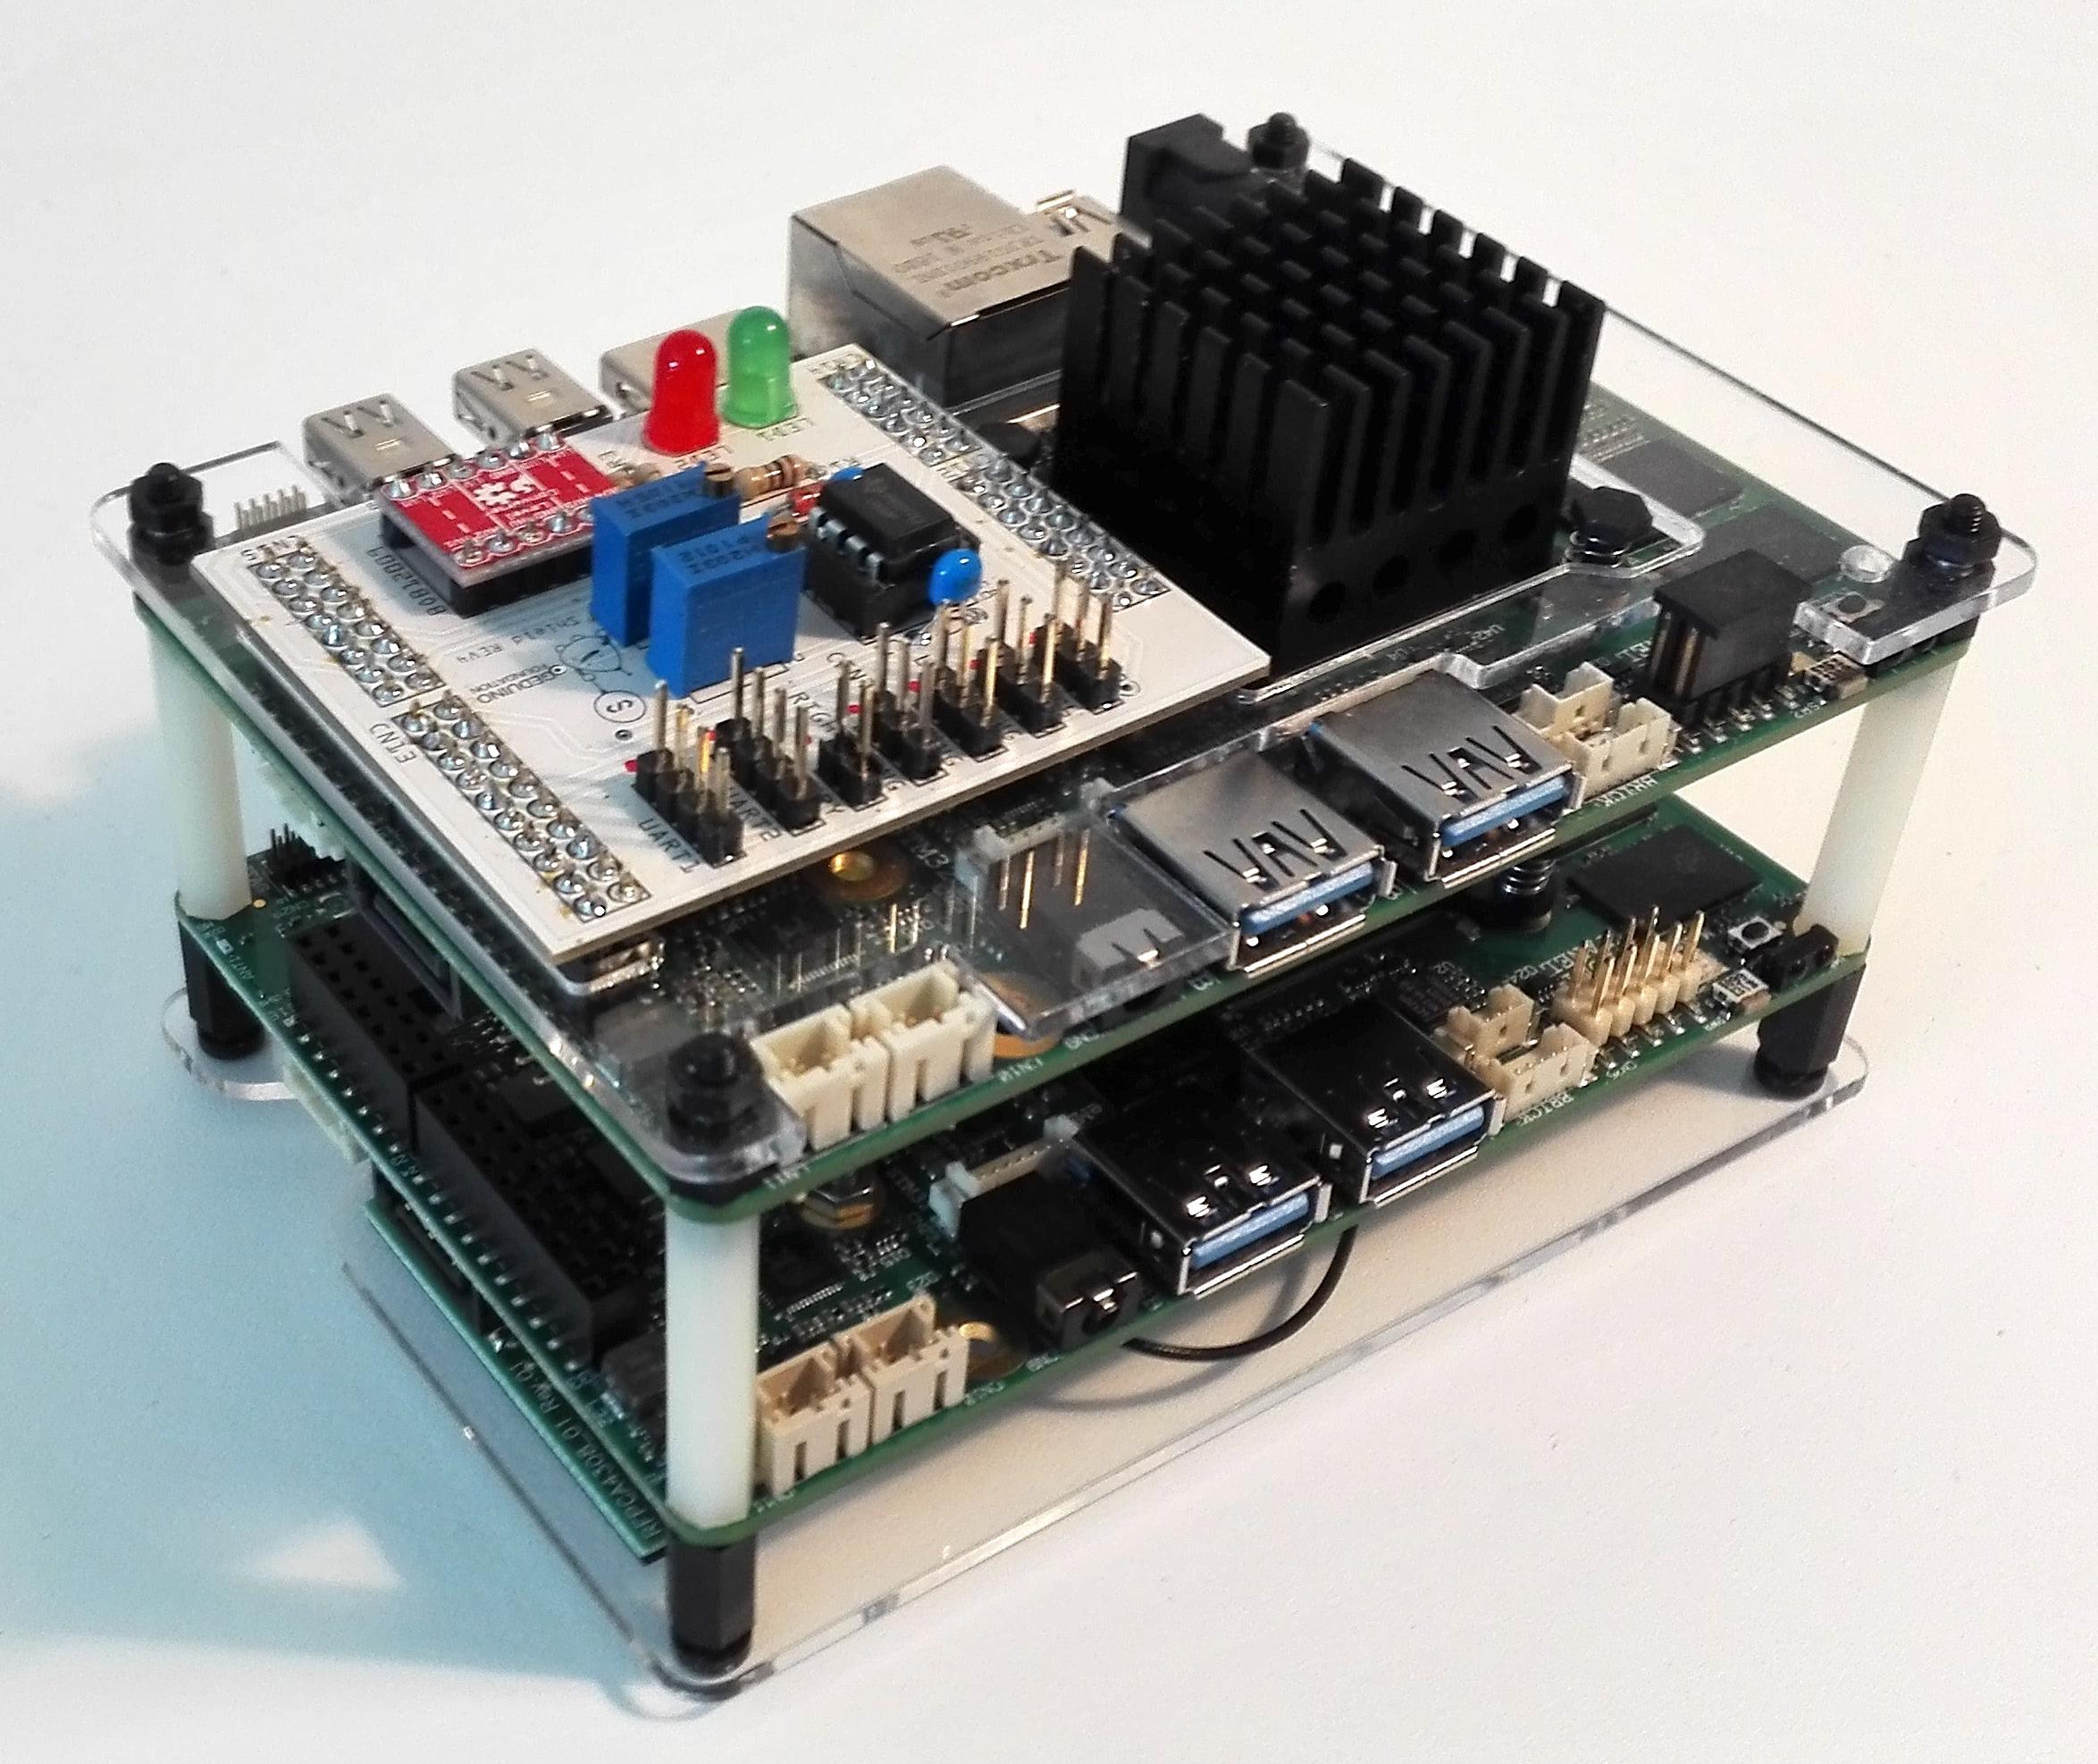 Geduino runs UDOO x86 cluster | Geduino Foundation